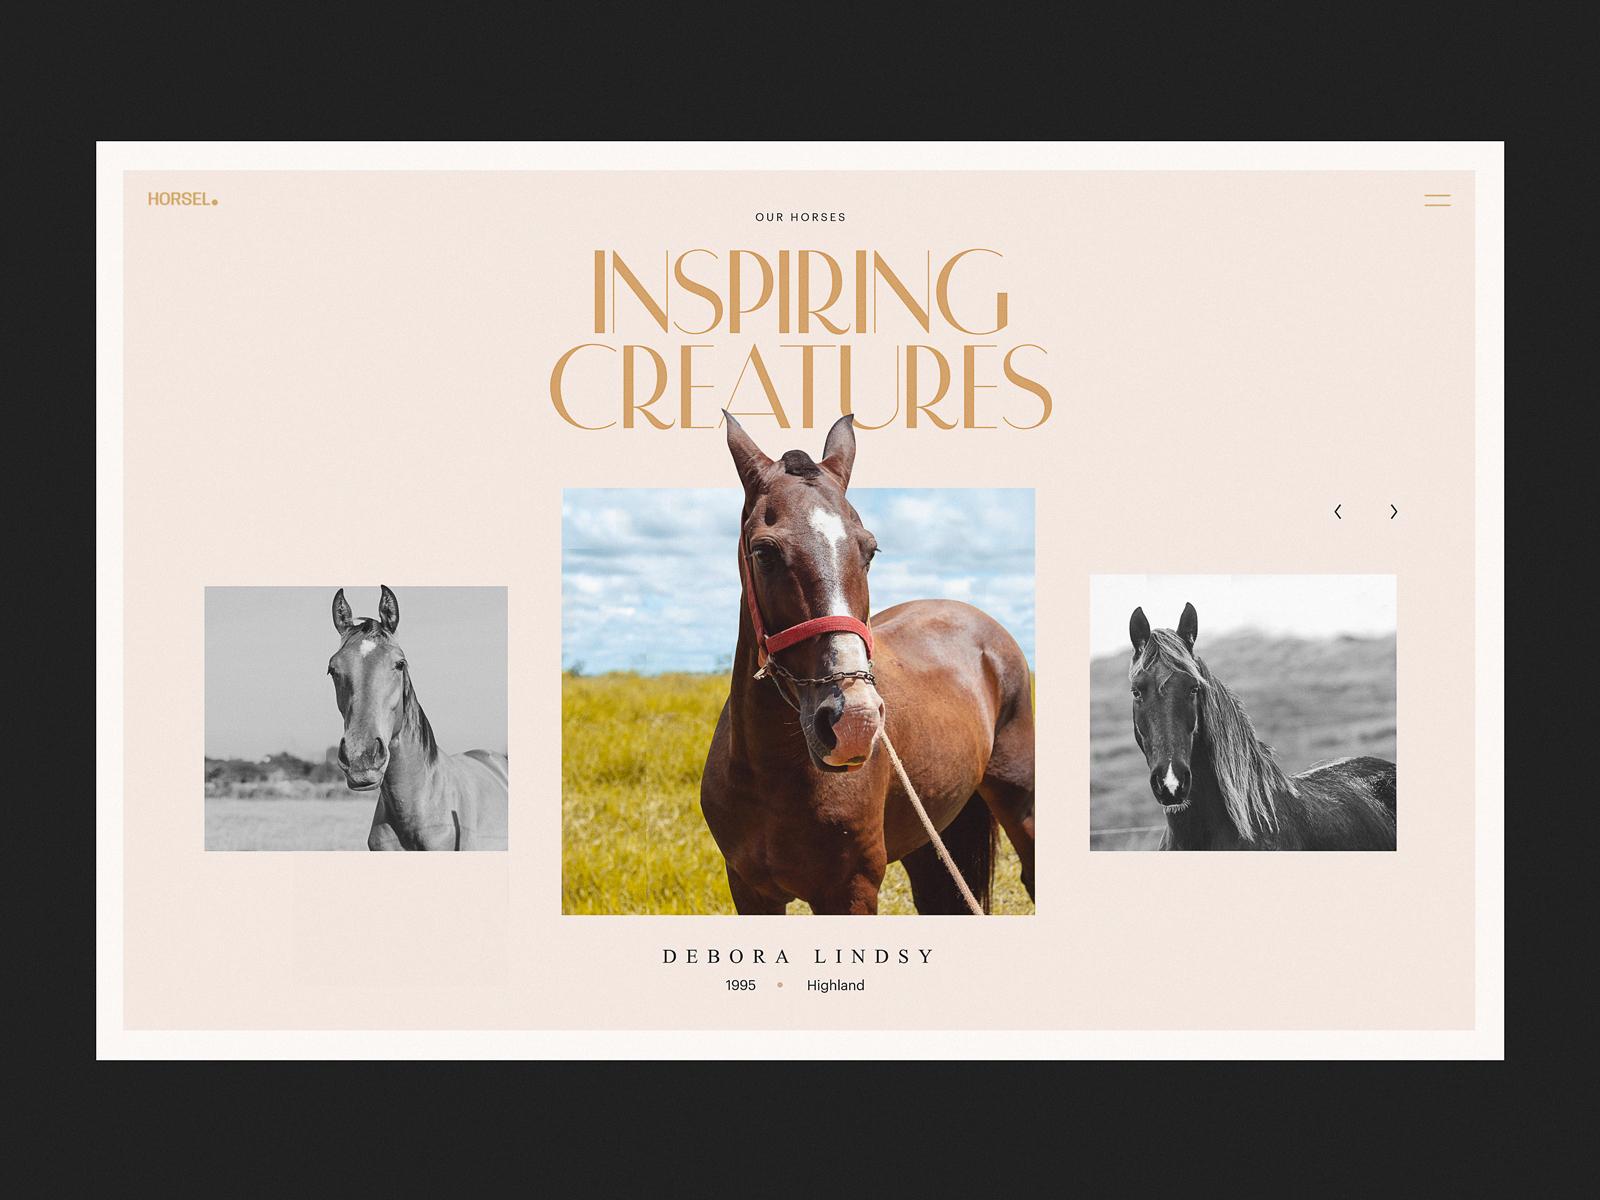 horse riding website design tubik studio